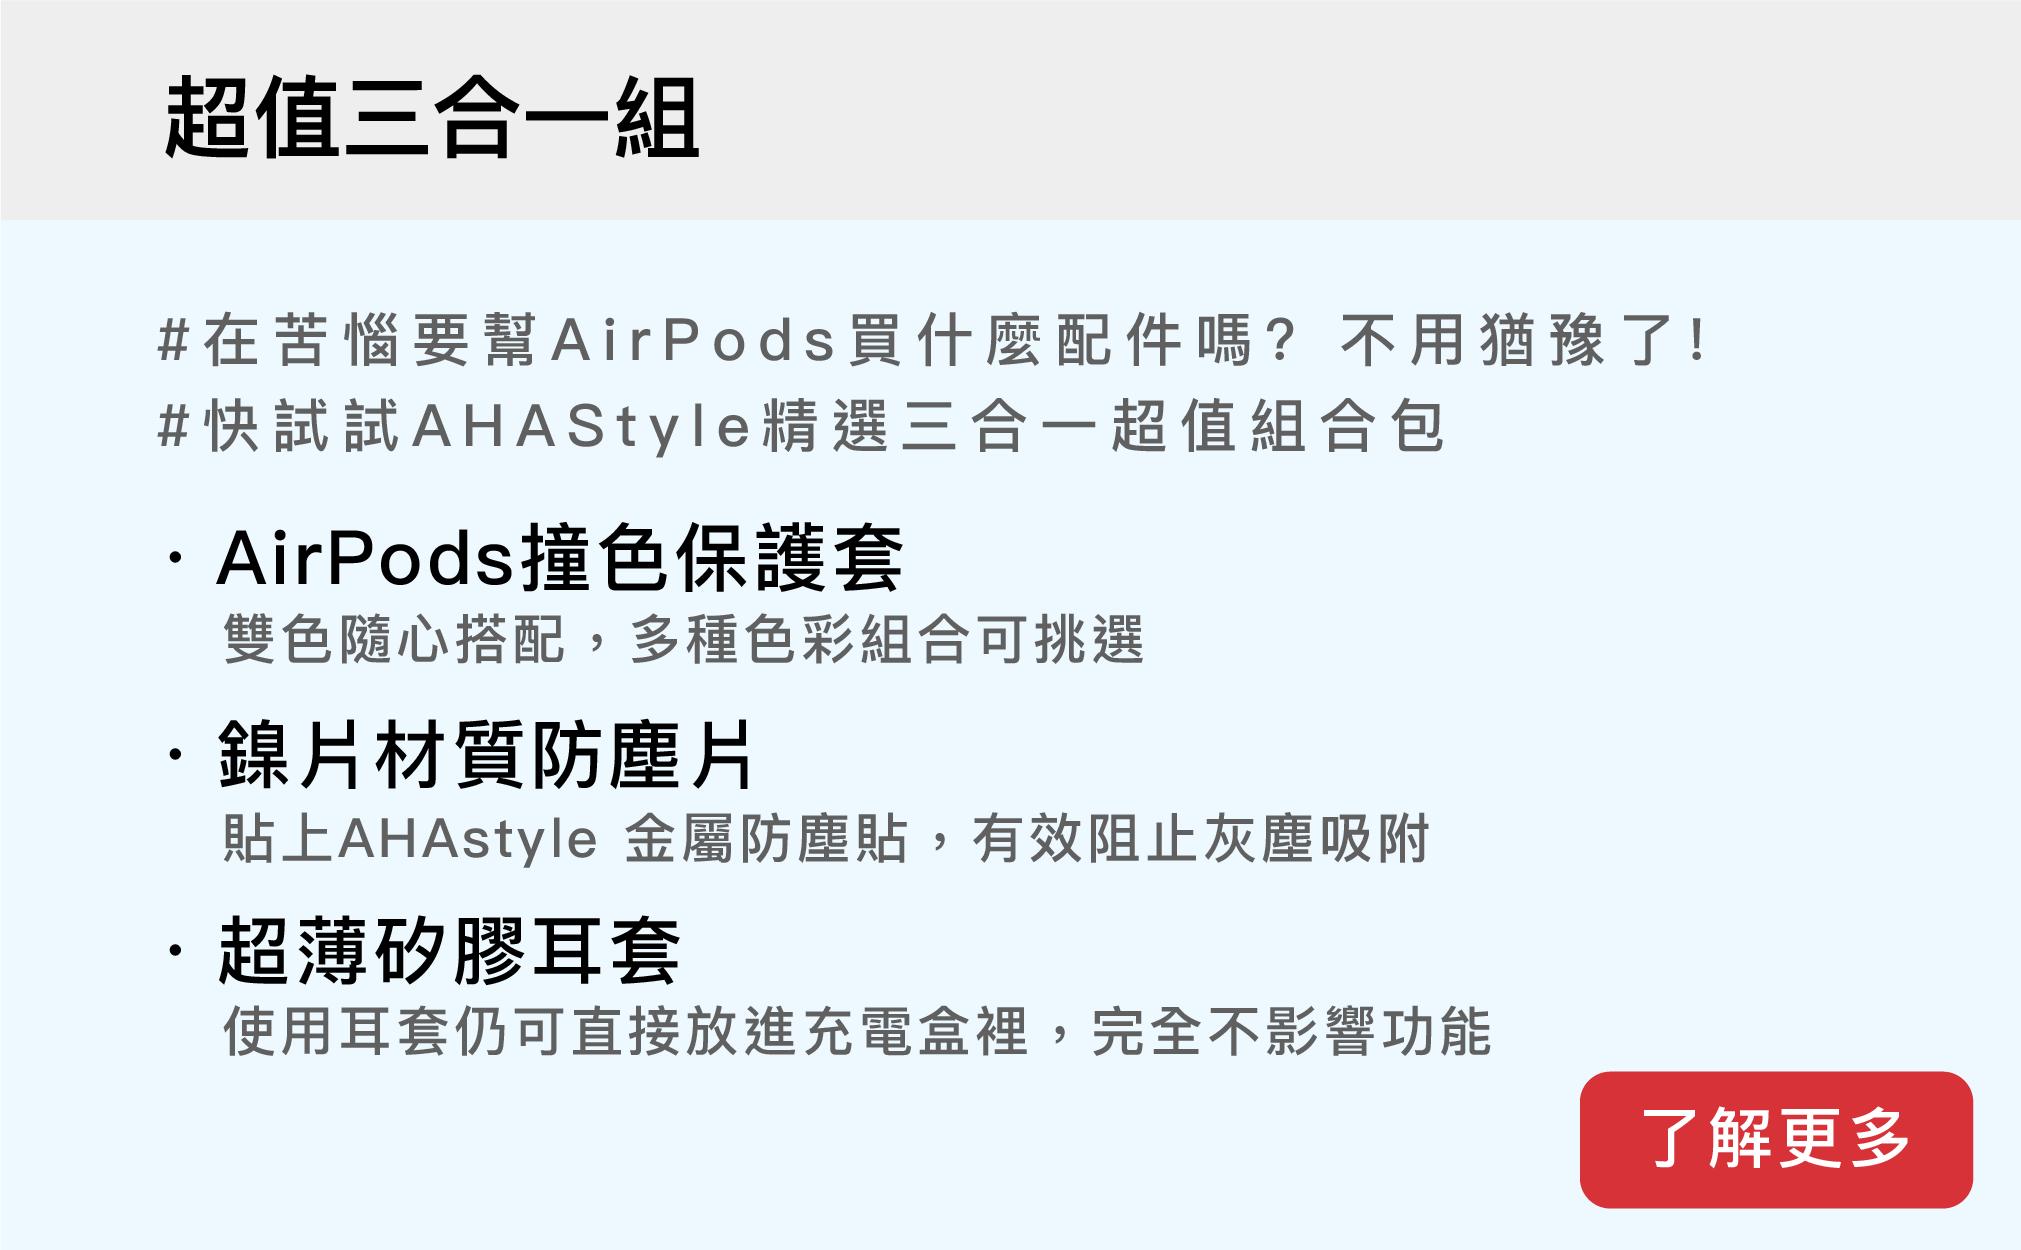 AirPods 推薦 周邊 配件